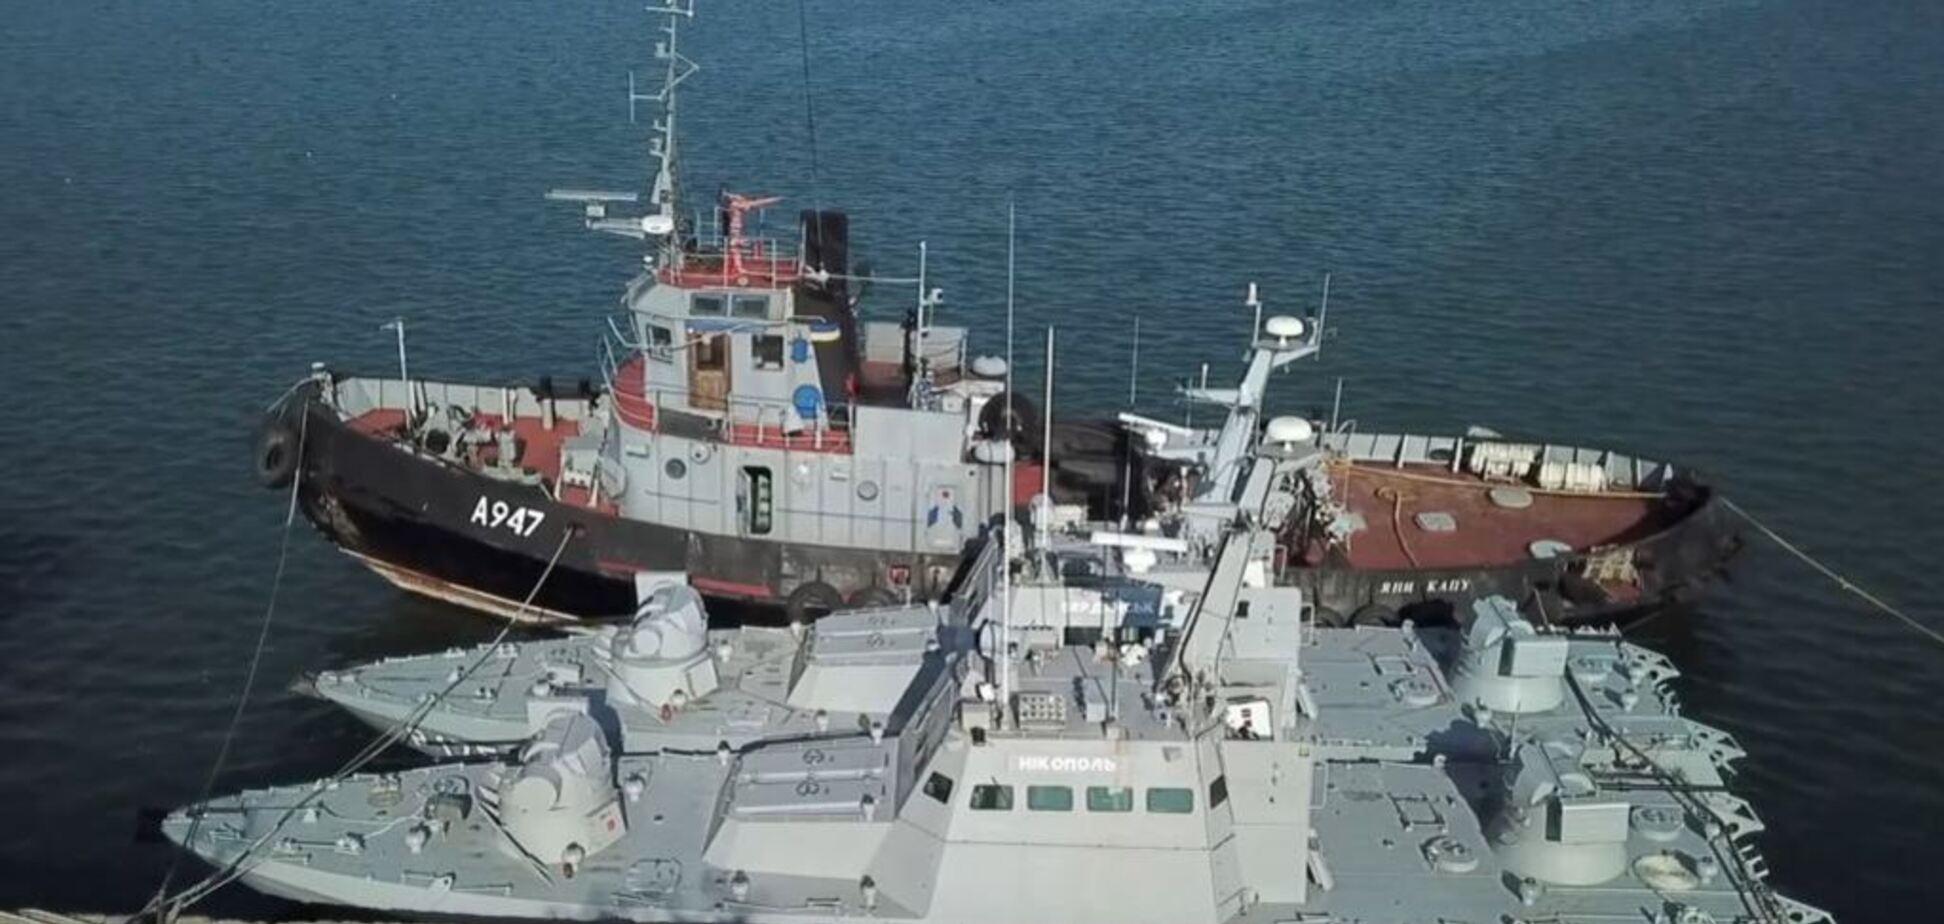 Захоплені Росією кораблі: Україна підрахувала суму збитків